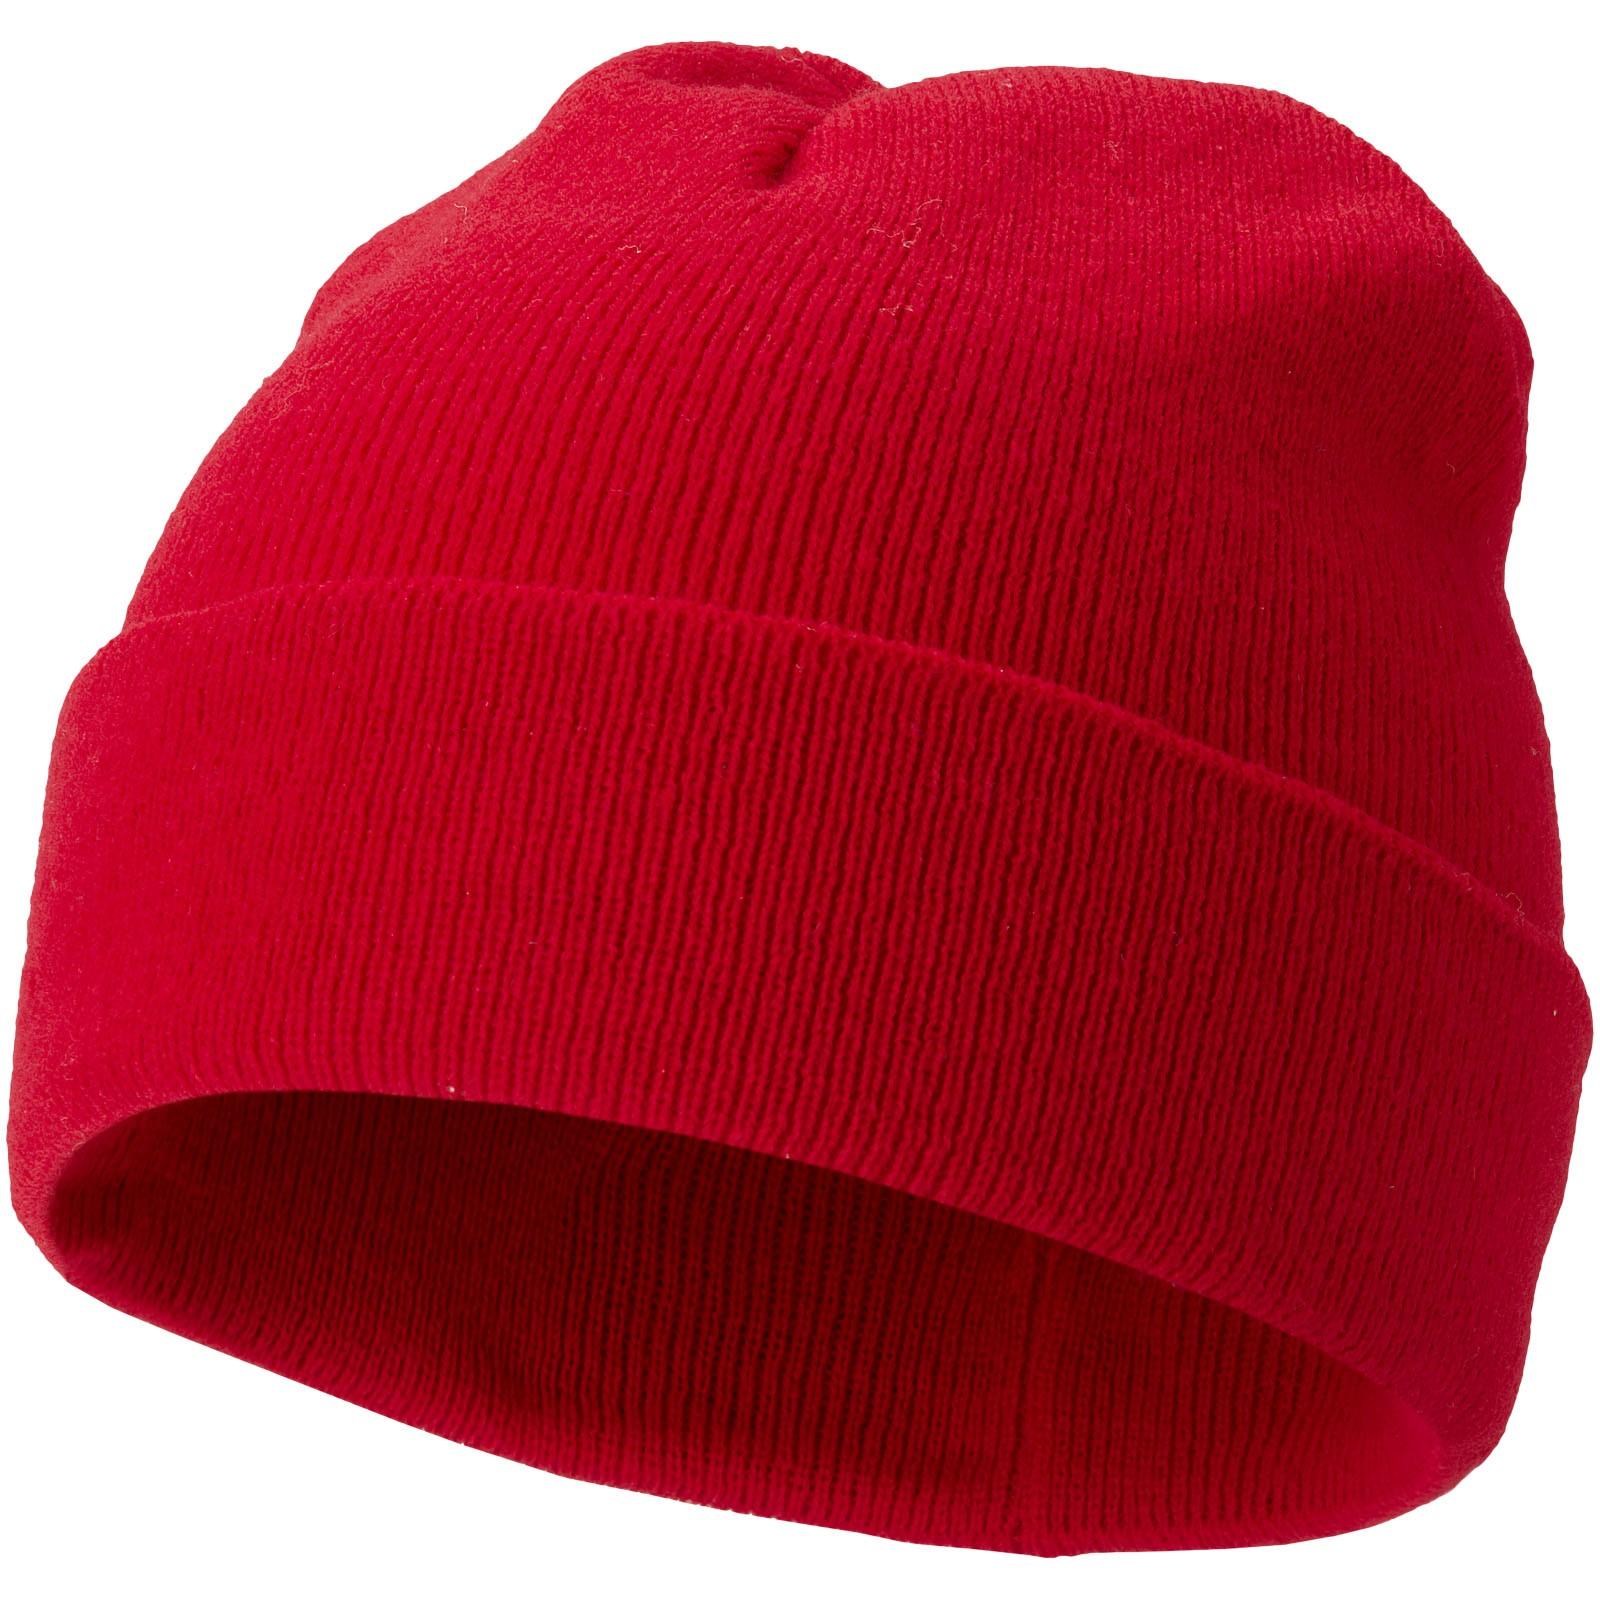 Irwin beanie - Red